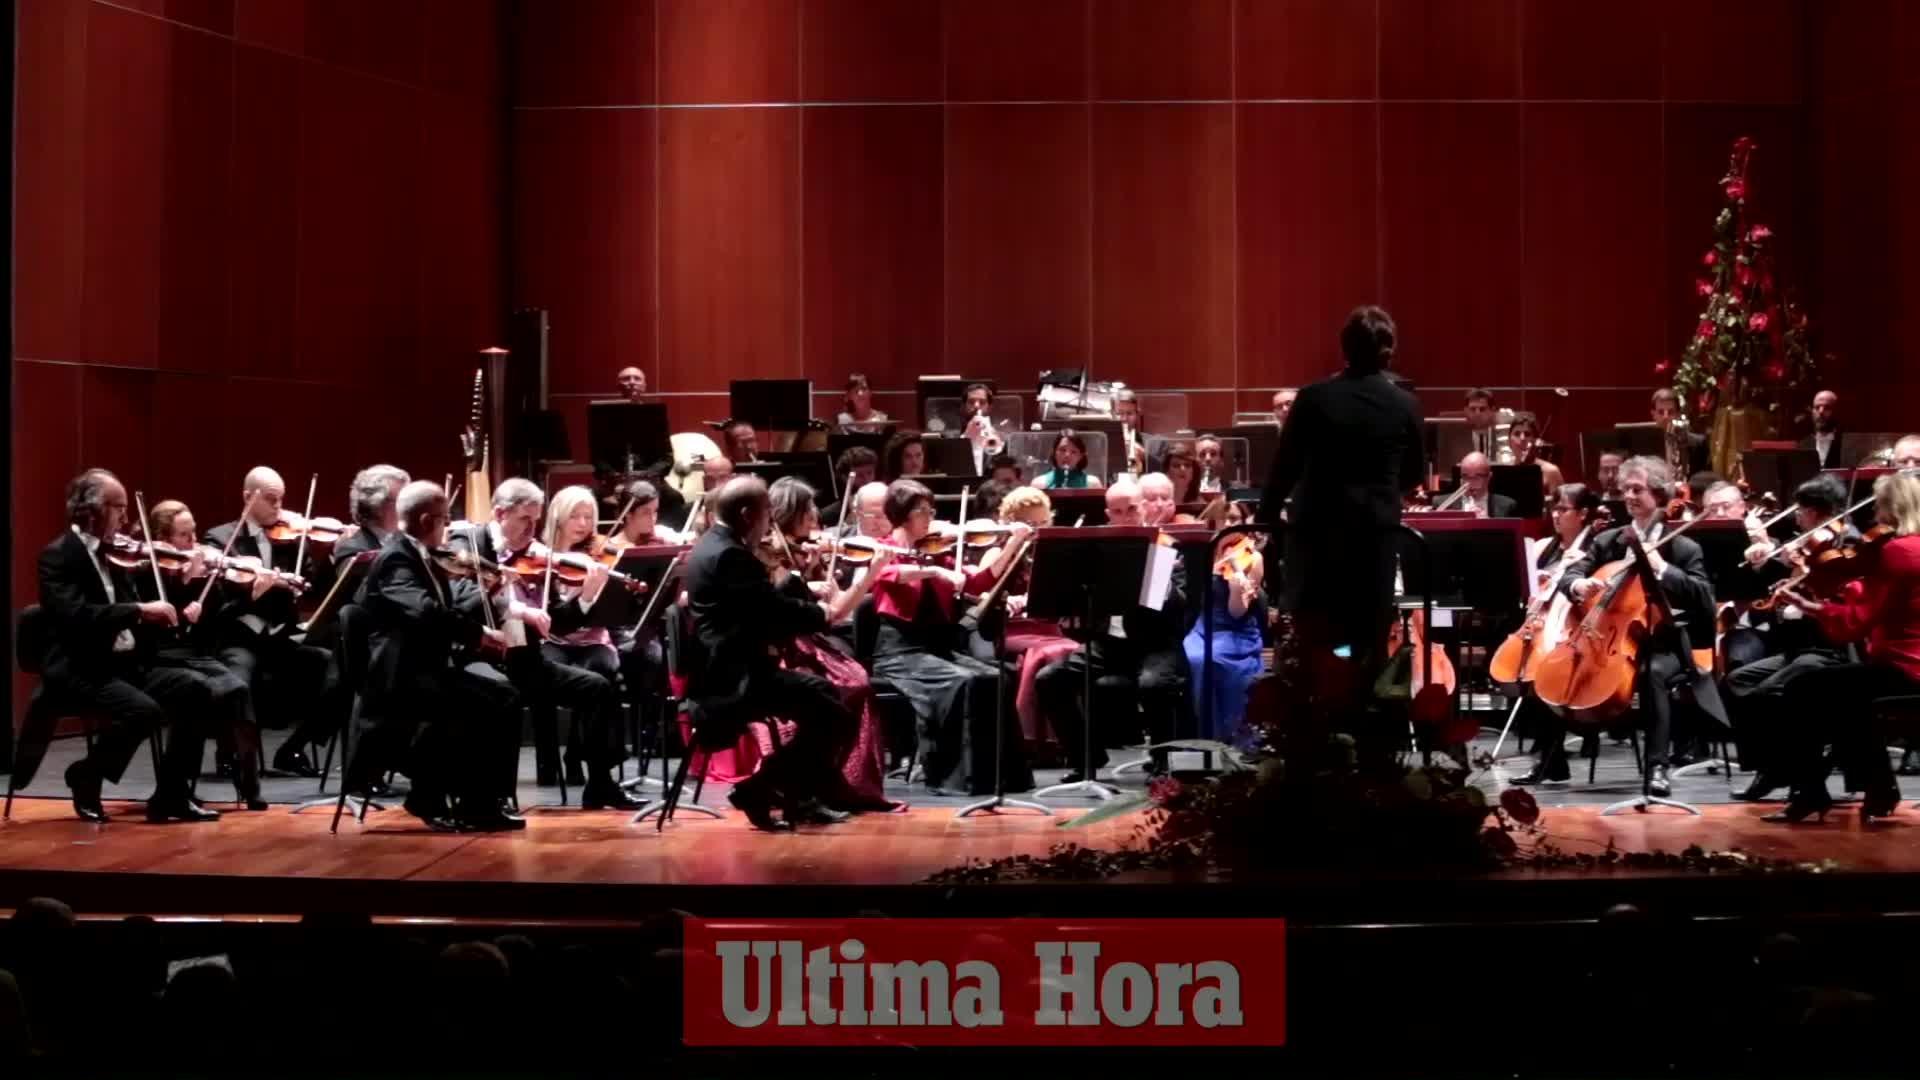 La Simfònica llena el Principal con obras de Strauss y clásicos de zarzuela